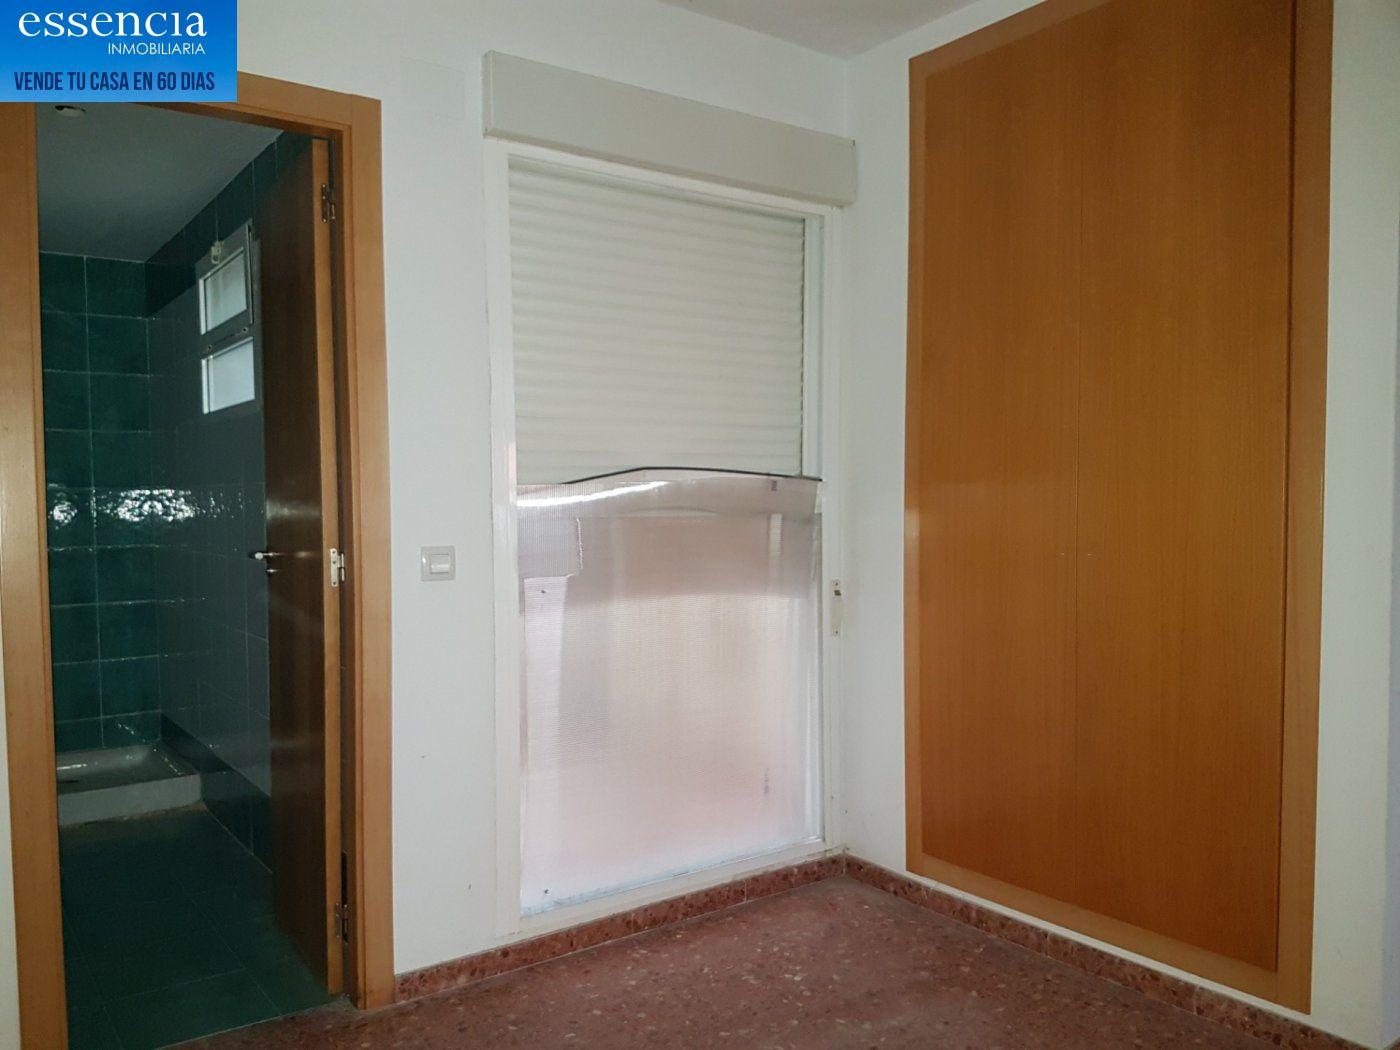 Piso en entresuelo de 2 dormitorios y 1 baño con patio - imagenInmueble27